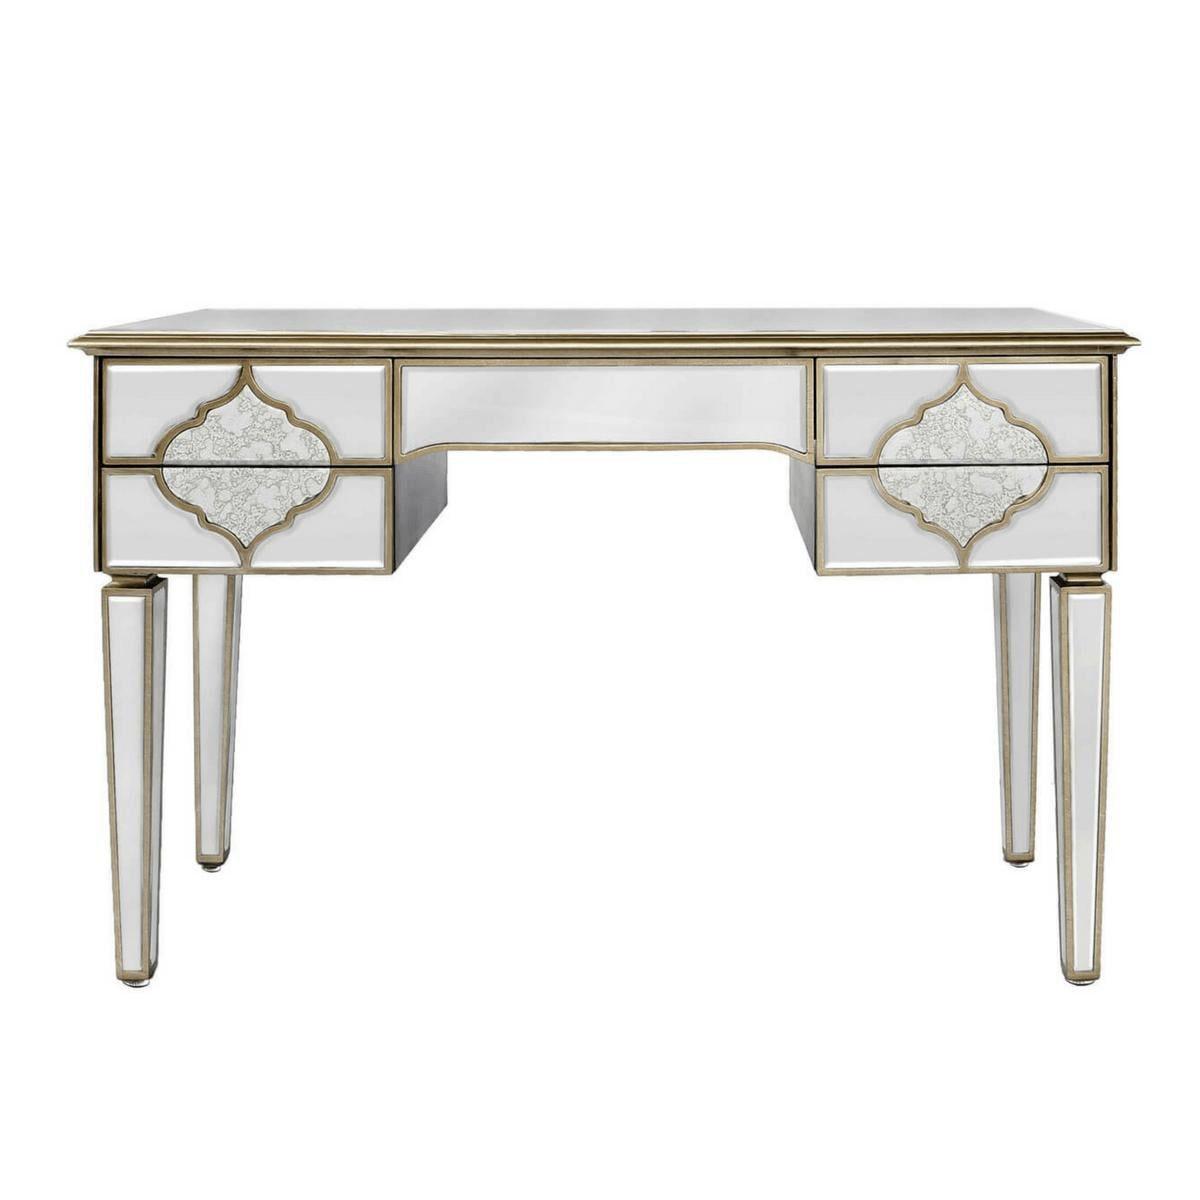 Marrakech Mirror Console Table